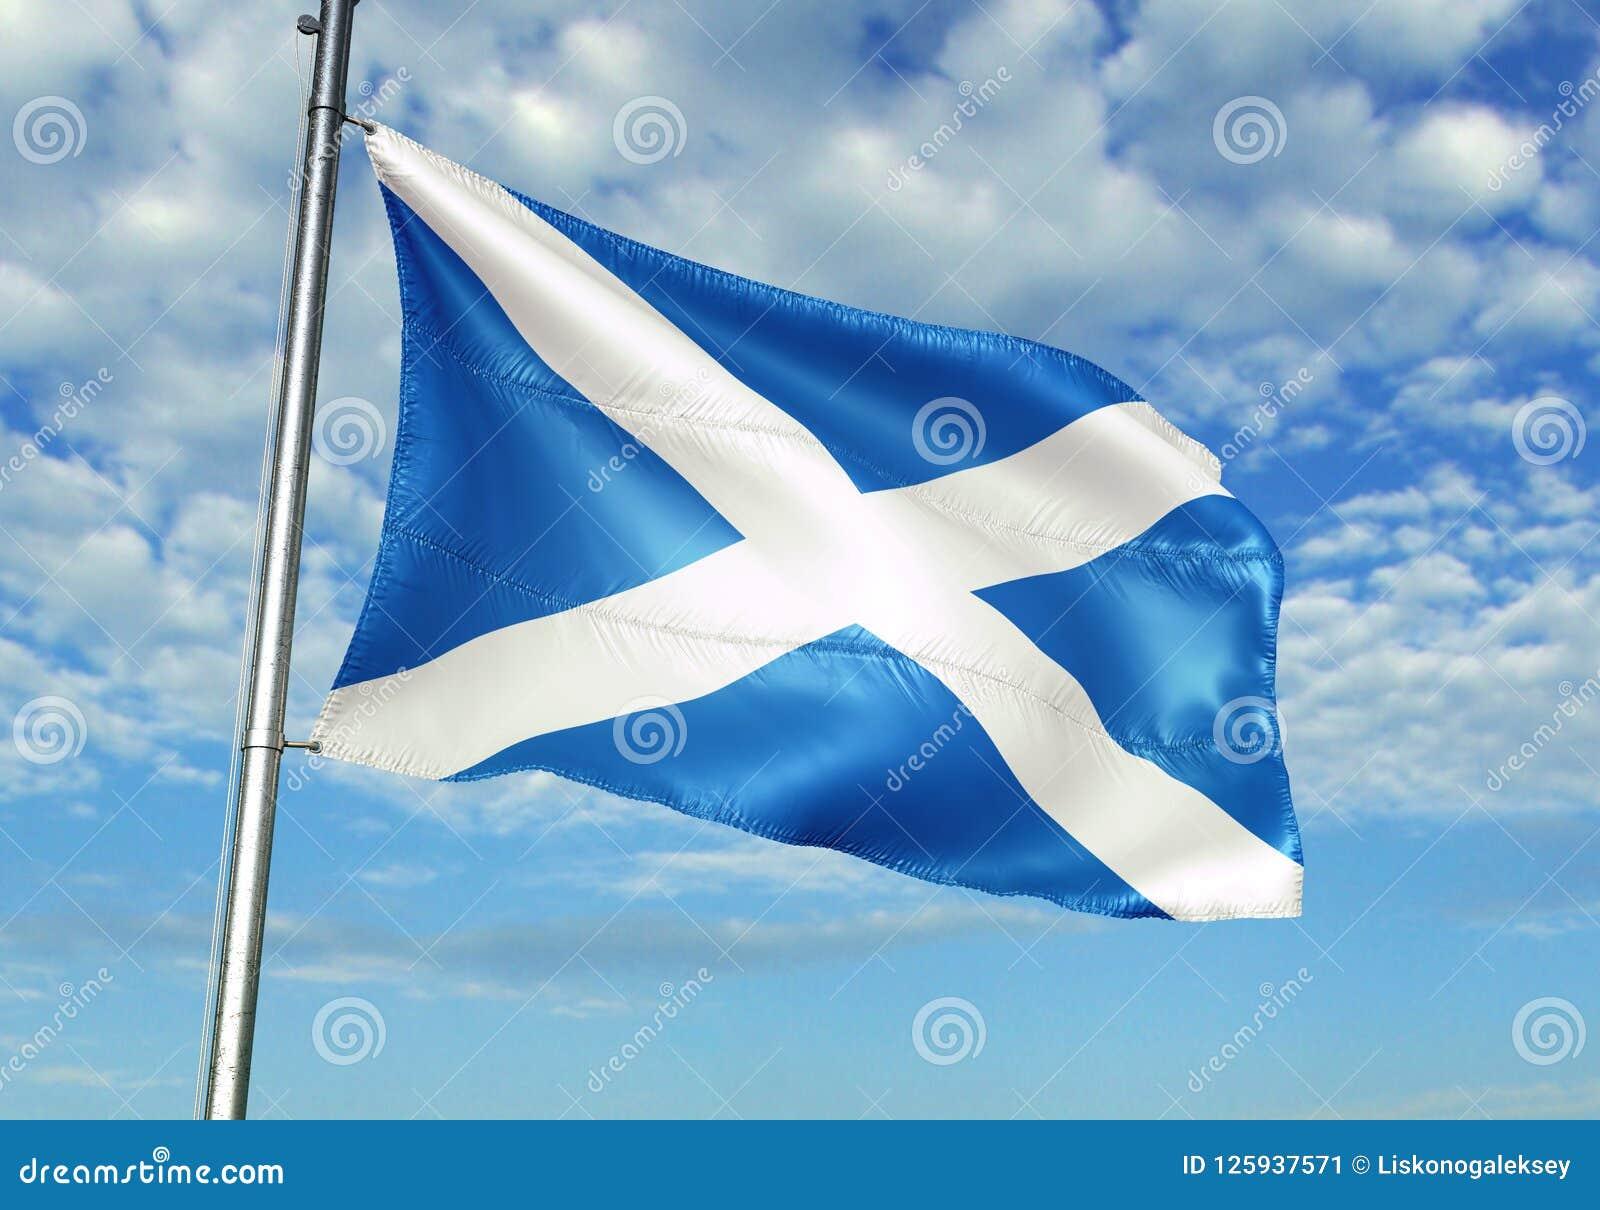 Σημαία της Σκωτίας που κυματίζει με τον ουρανό στη ρεαλιστική τρισδιάστατη απεικόνιση υποβάθρου